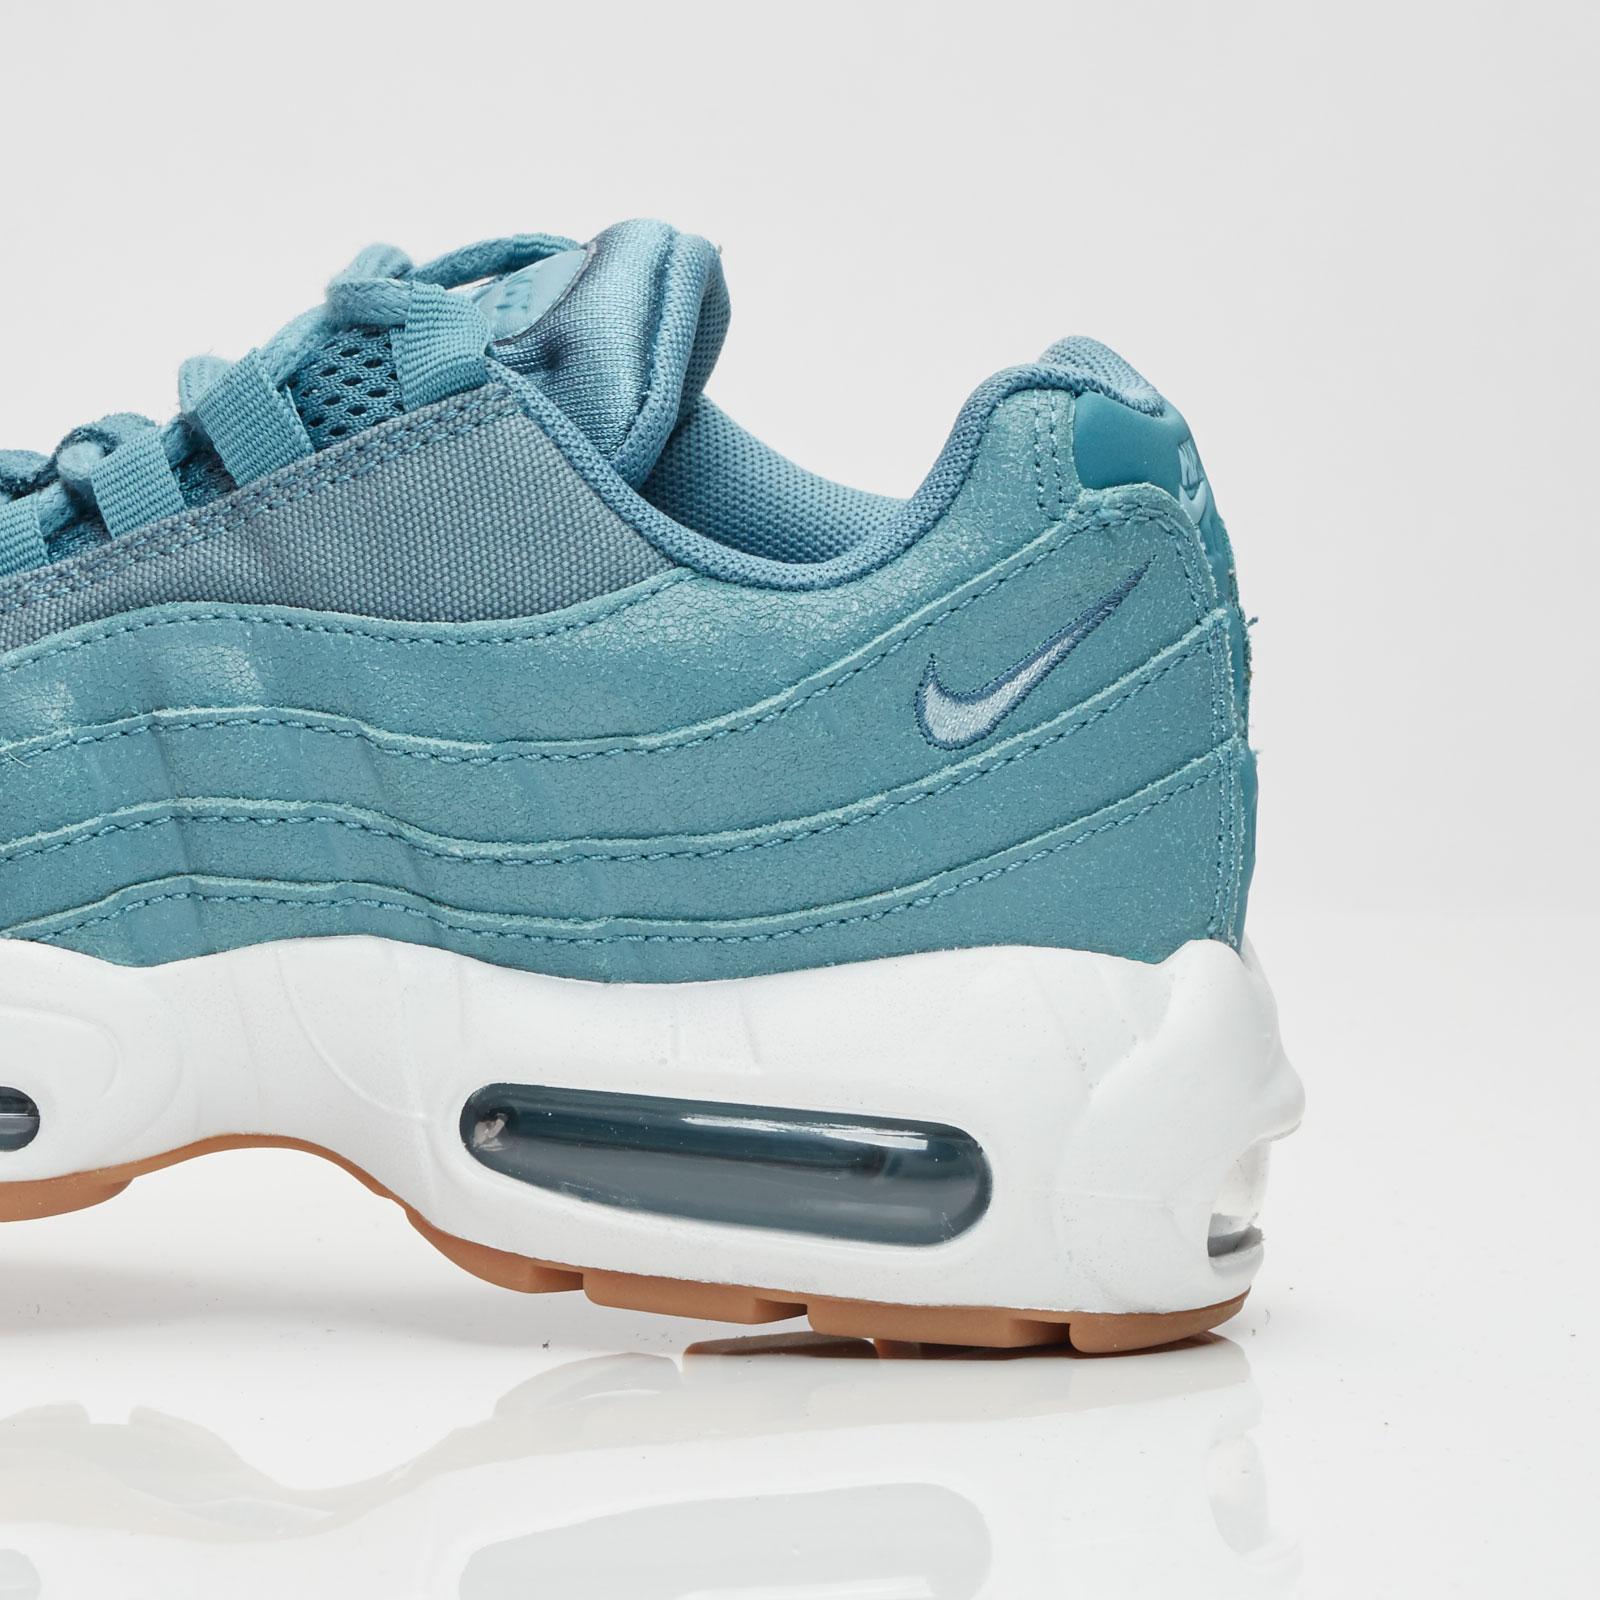 ... Nike Sportswear Wmns Air Max 95 07 Premium ...